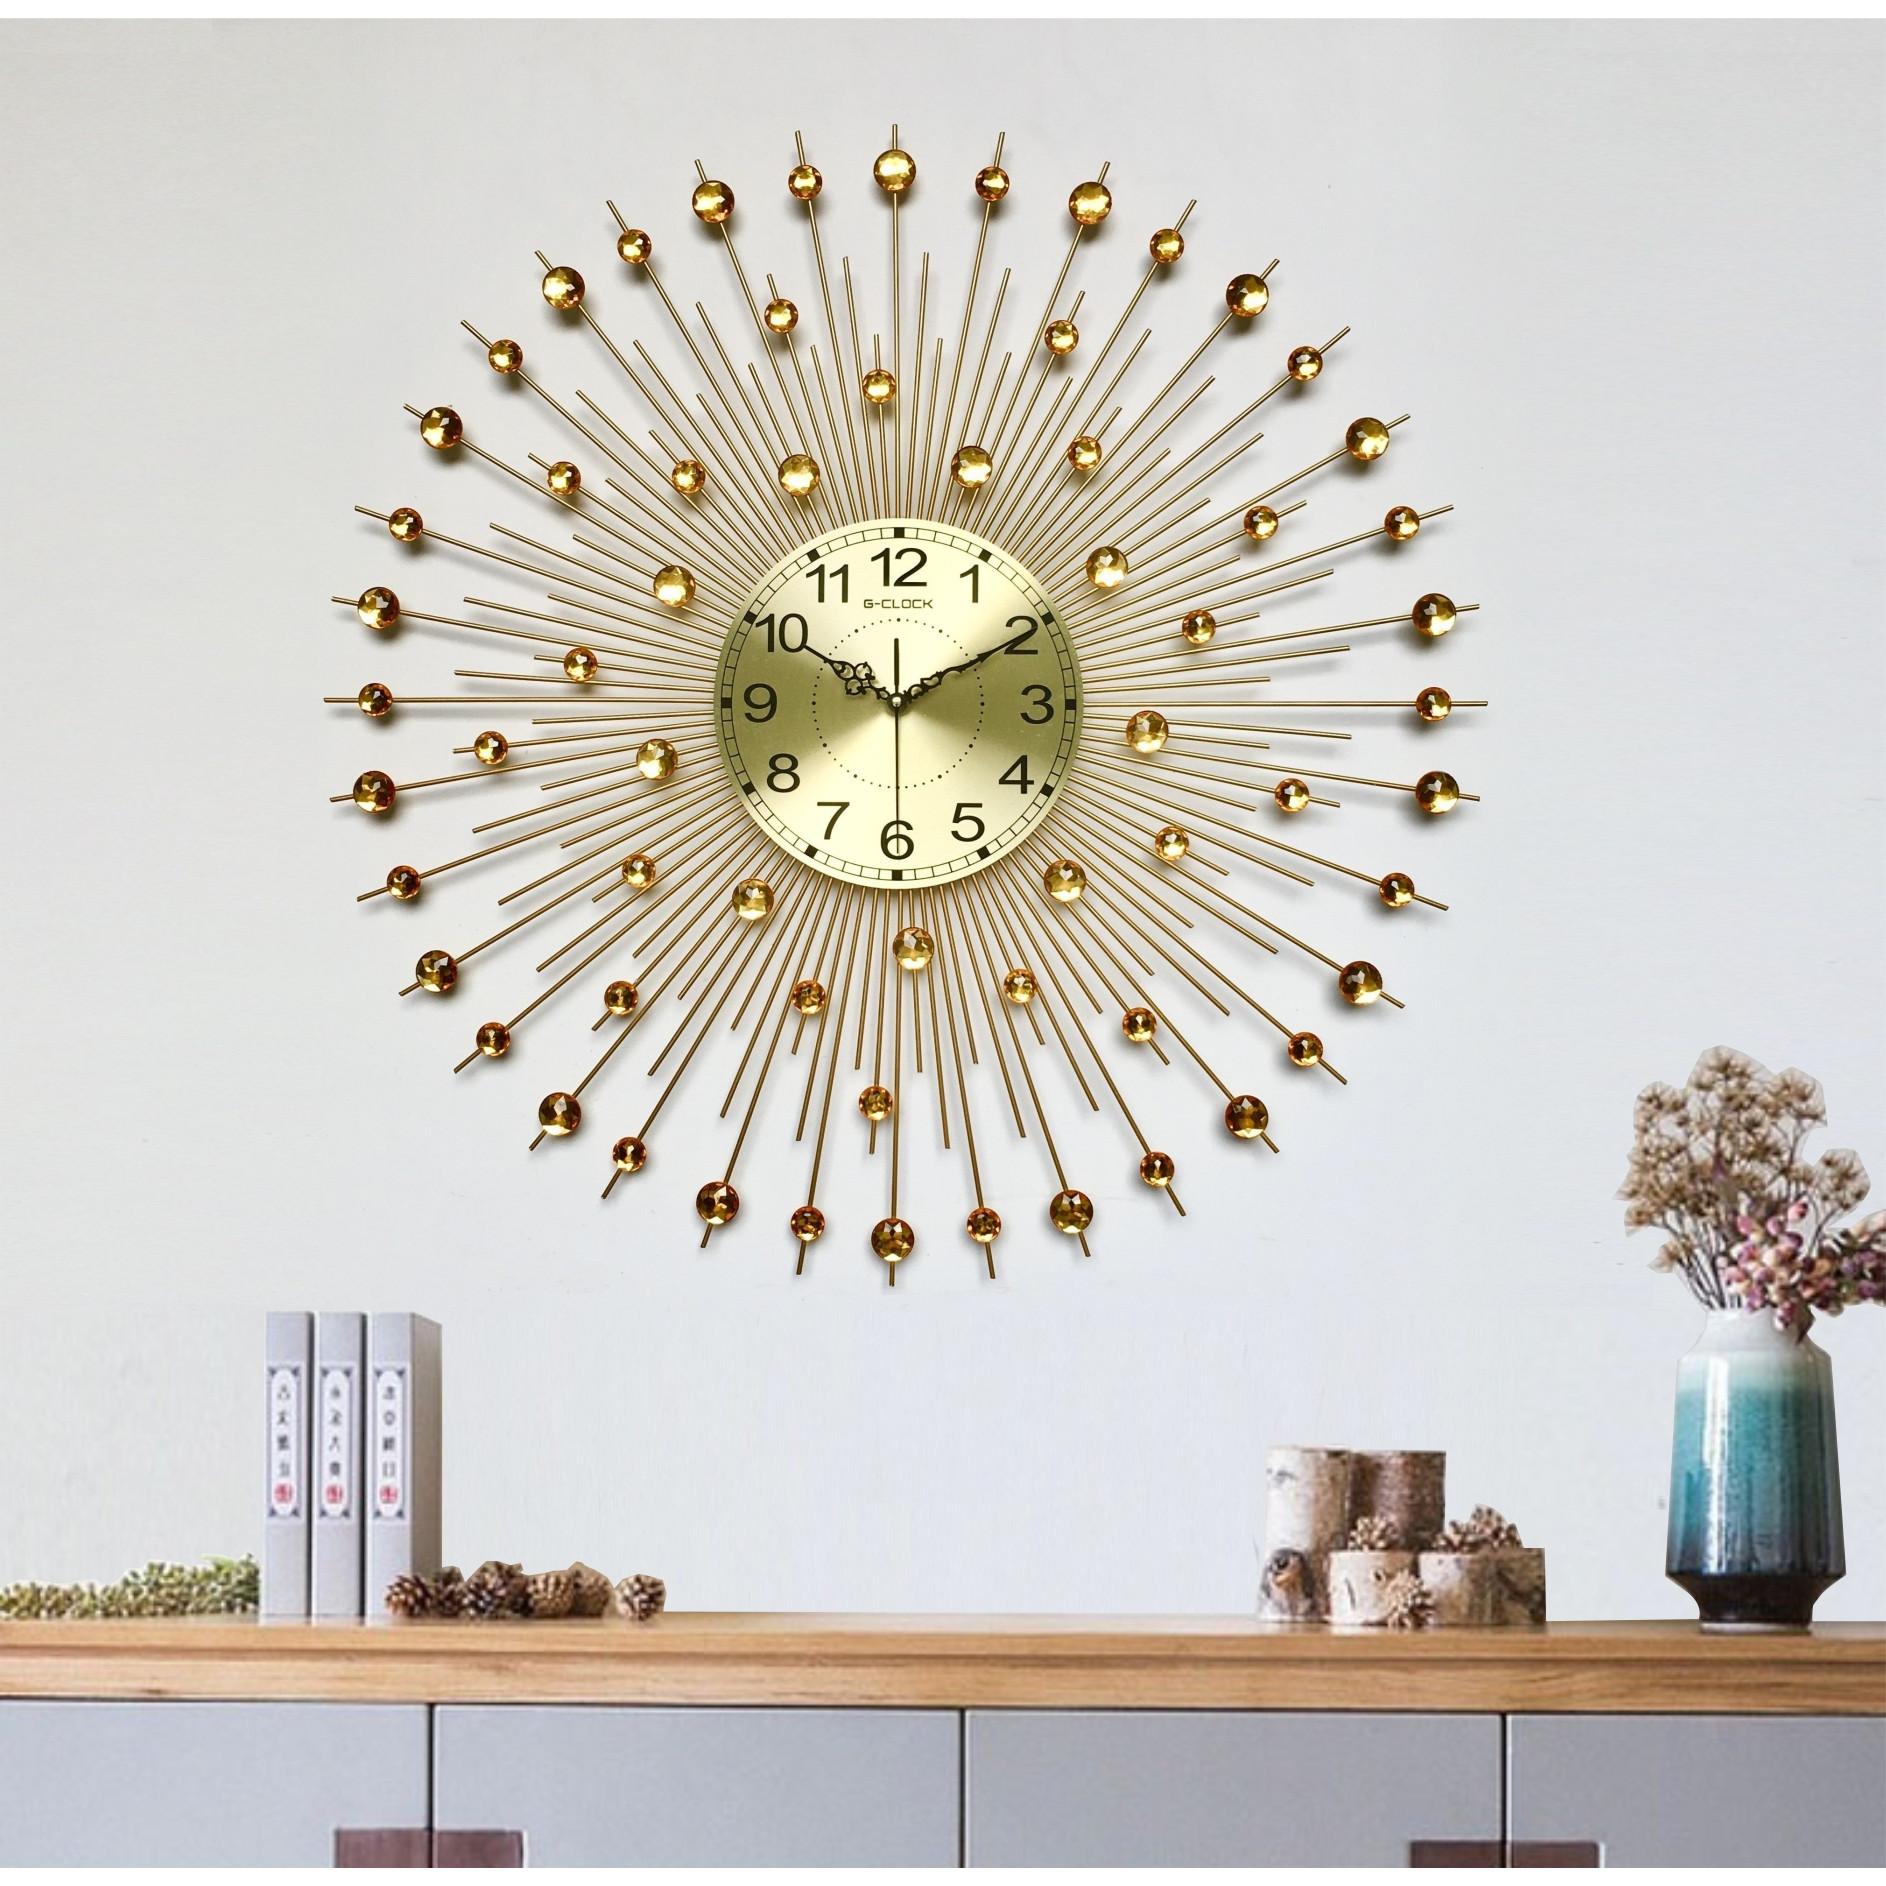 Đồng hồ treo tường MONSKY GCLOCK loại to KT 750mm cao cấp làm từ kim loại sơn tĩnh điện chạy máy kim trôi chuẩn (1802BG)